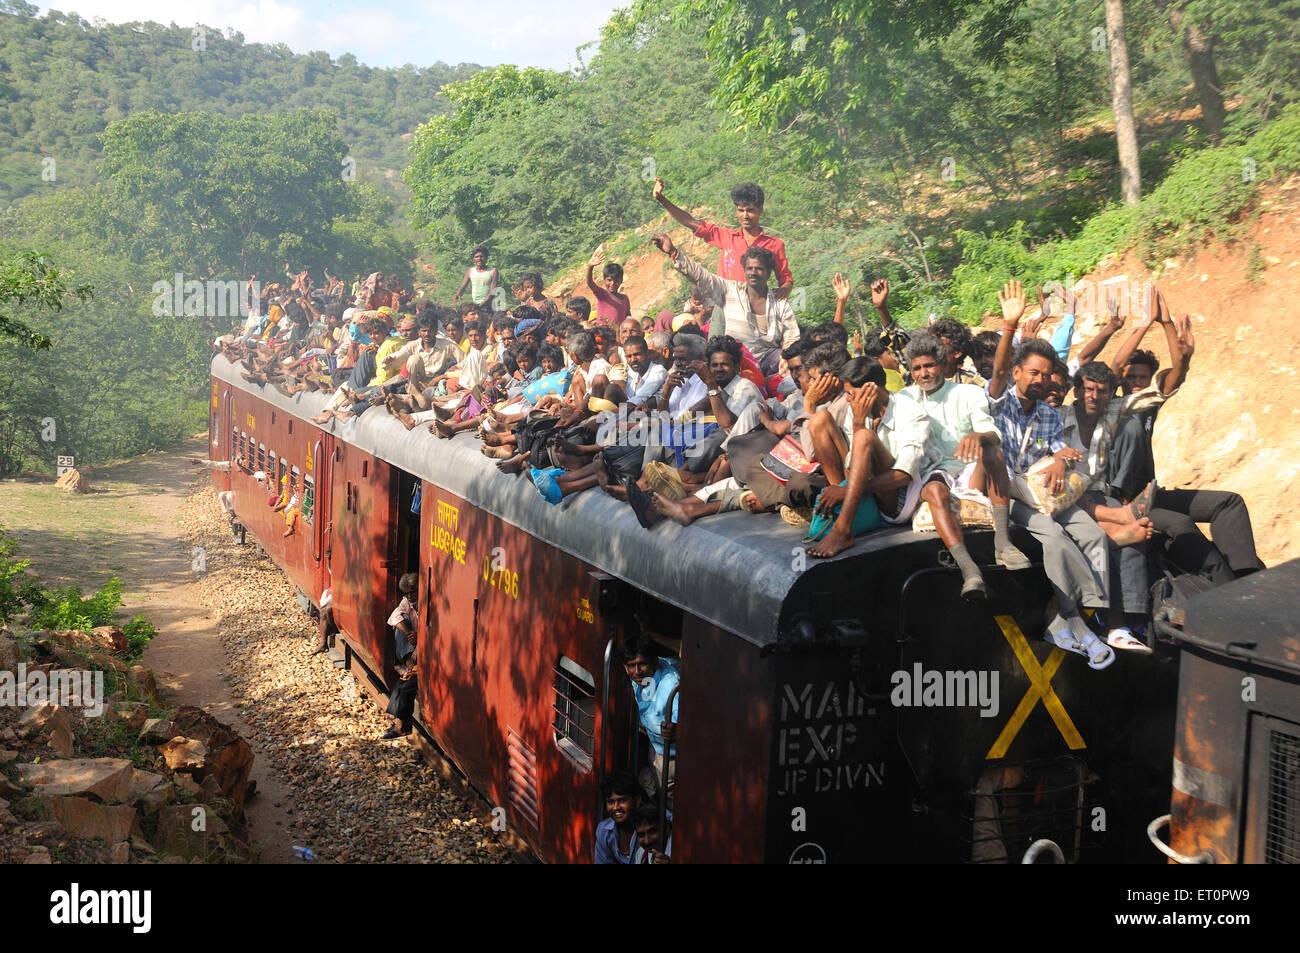 La gente viaggia sul tetto del treno Goram ghat Marwar Junction Rajasthan in India Immagini Stock